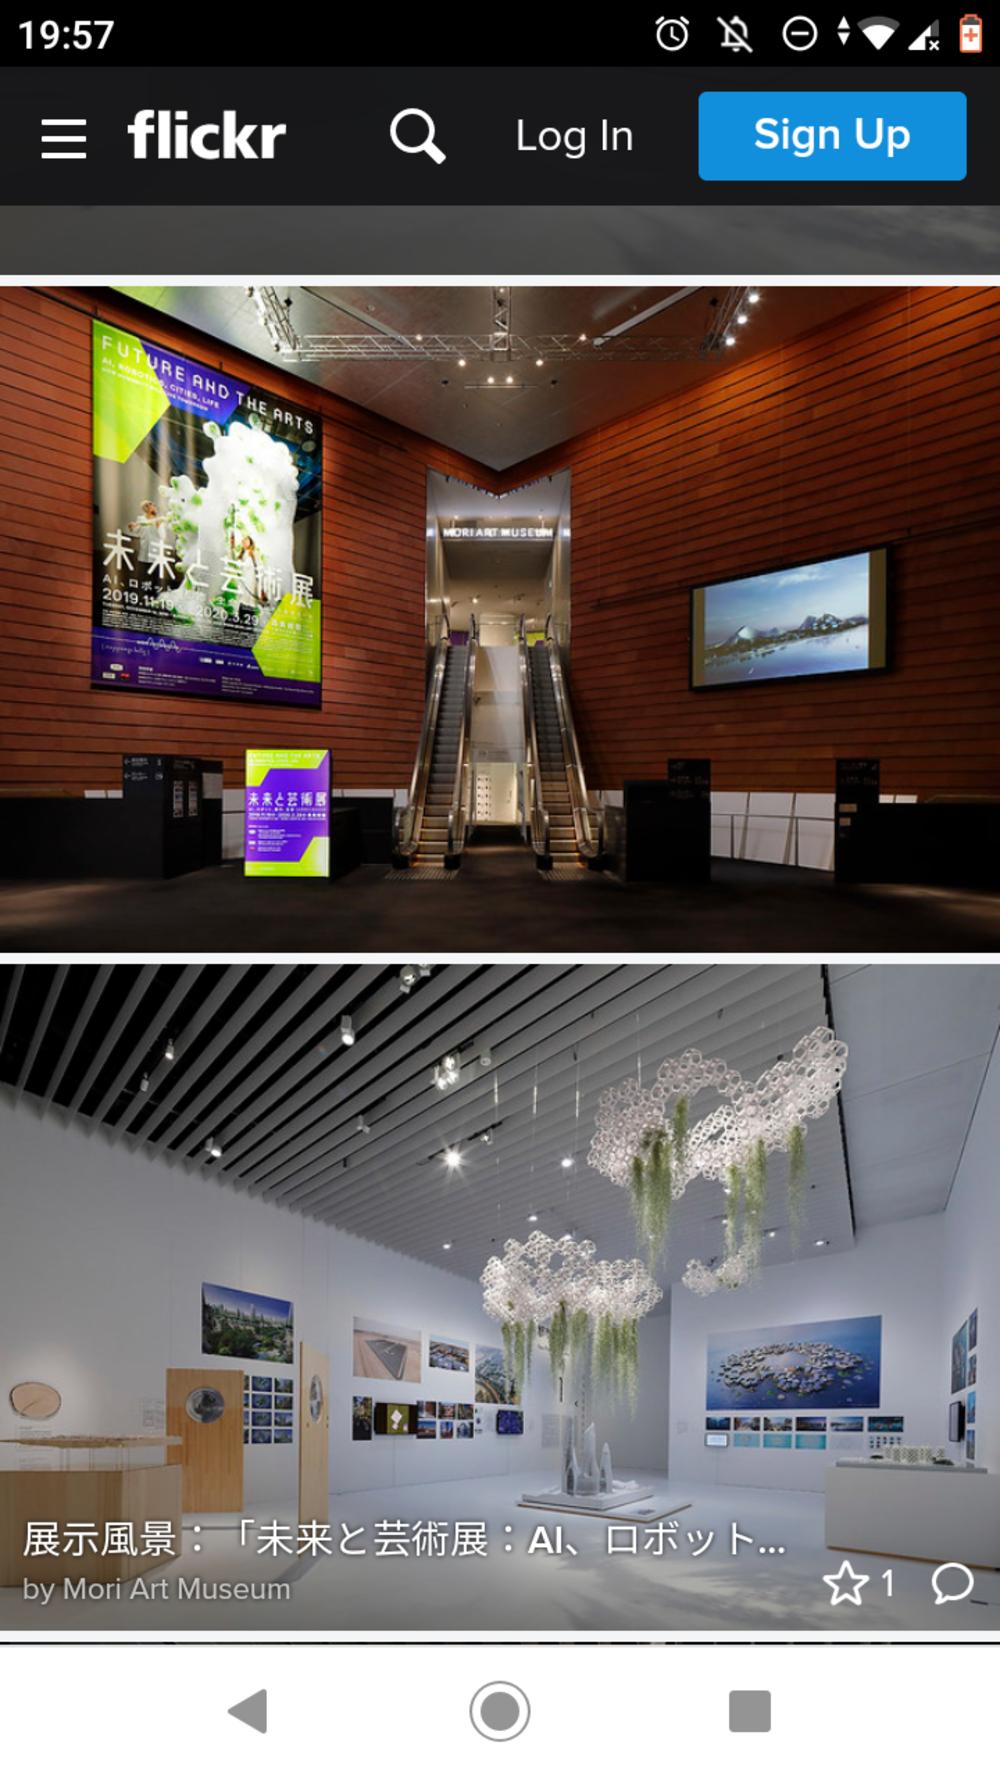 (満員)活動18 未来と芸術展👻🌏森美術館 鑑賞会